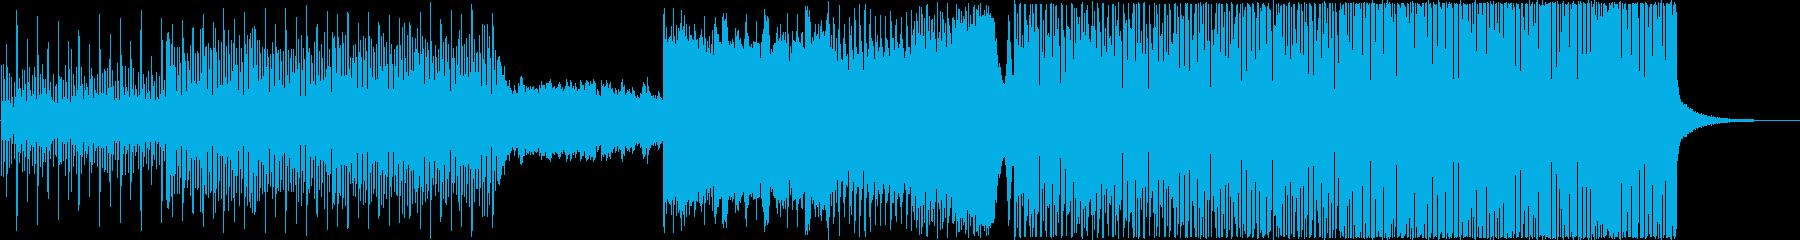 おしゃれ系、シリアスかっこいいEDMの再生済みの波形